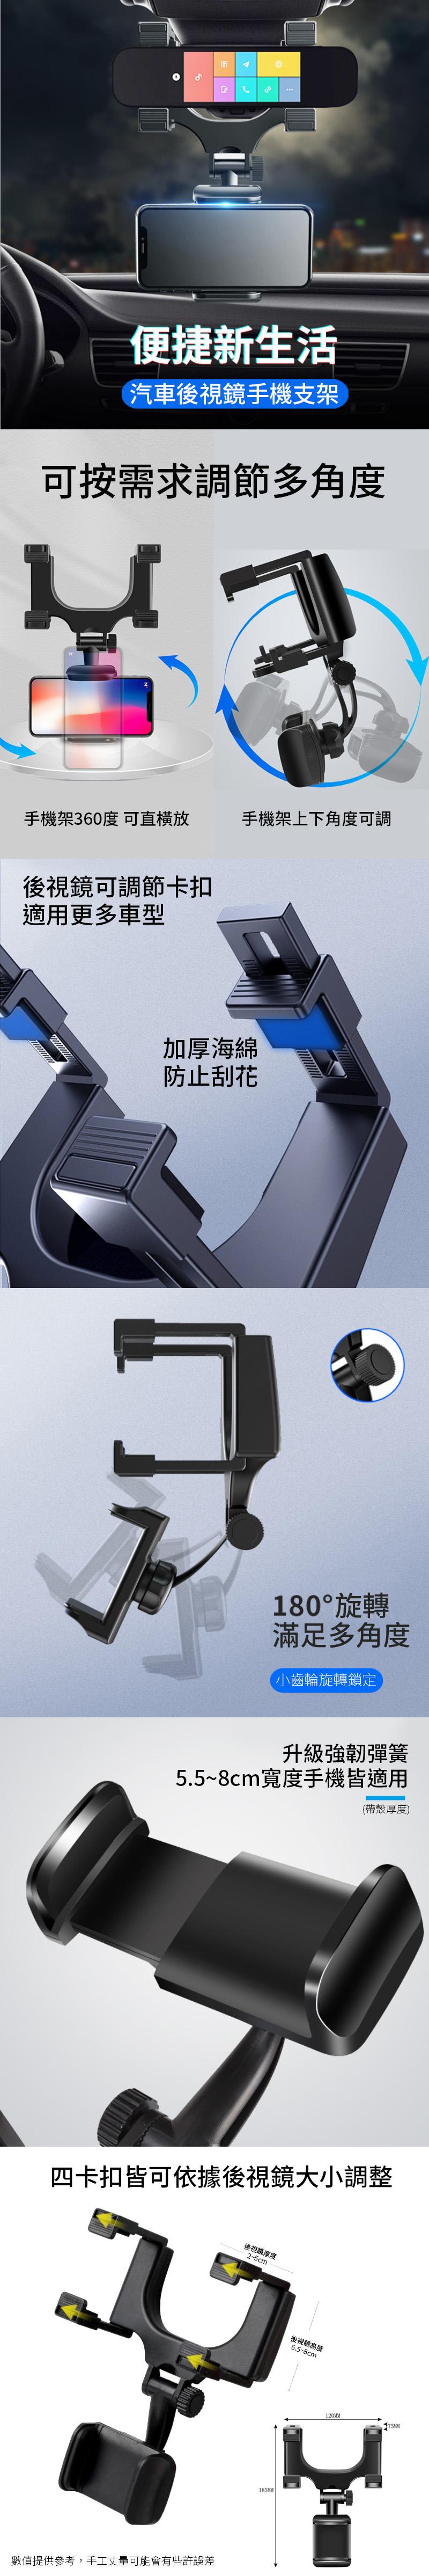 汽車後視鏡手機架 後照鏡手機架 後照鏡手機支架 手機架 手機支架 車用手機支架 手機夾 車載支架 後照鏡手機固定座